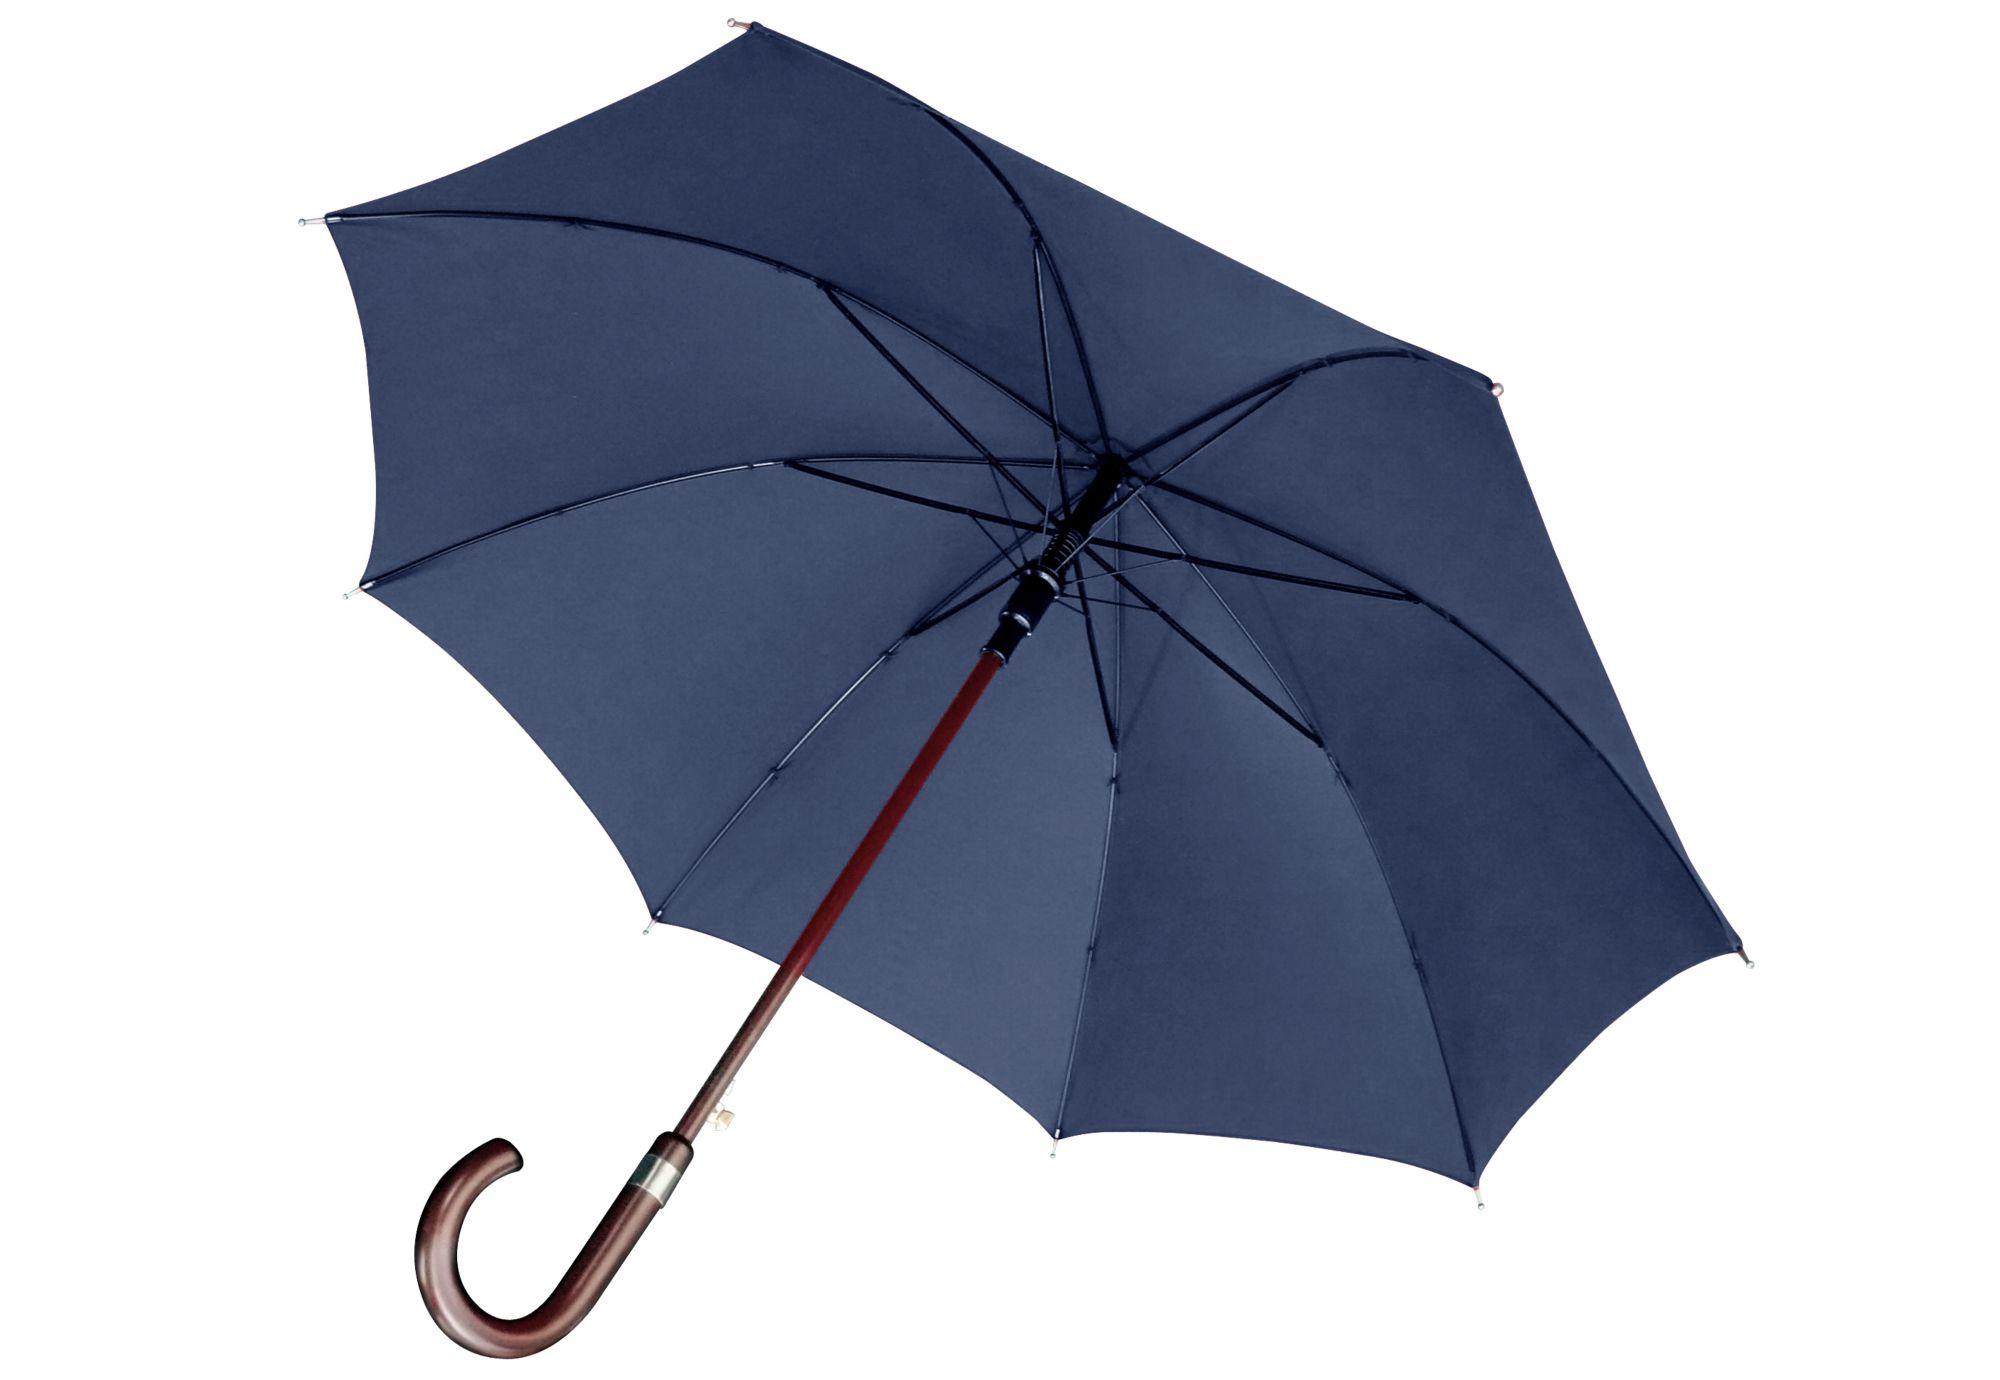 EUROSCHIRM® Euroschirm® Regenschirm für Damen und Herren, »Stockschirm«